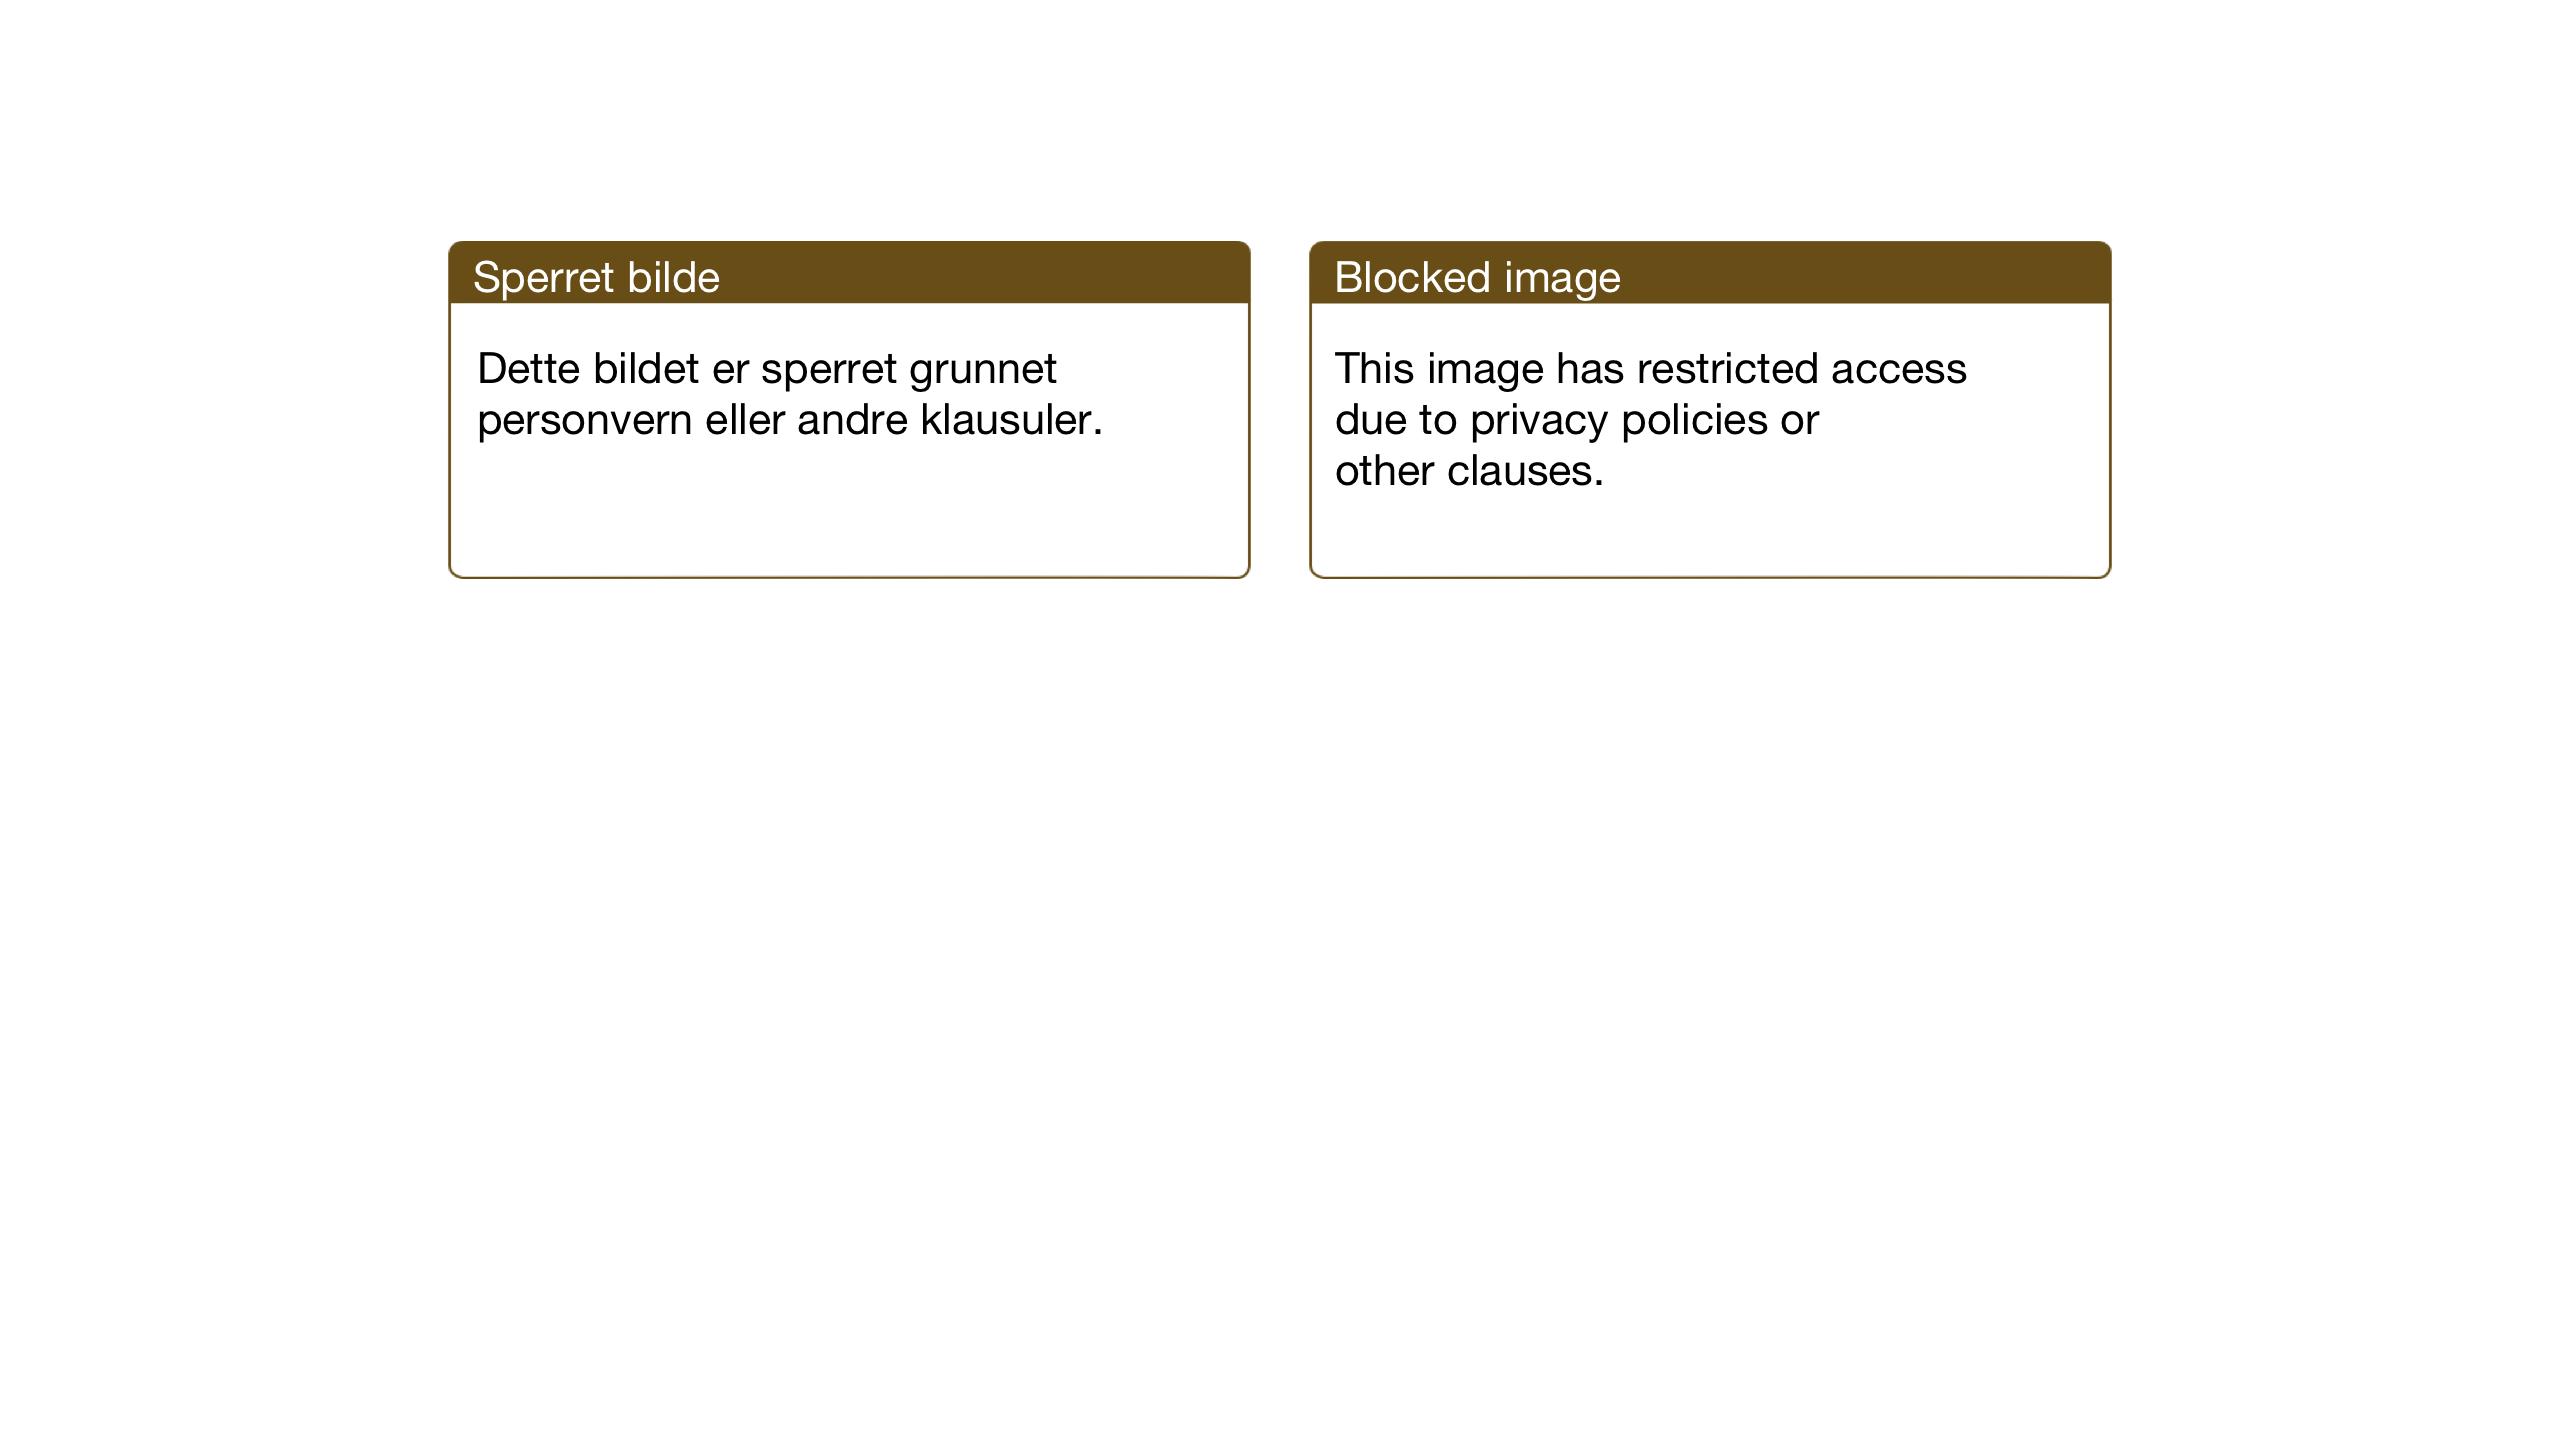 SAT, Ministerialprotokoller, klokkerbøker og fødselsregistre - Nord-Trøndelag, 746/L0455: Klokkerbok nr. 746C01, 1908-1933, s. 51